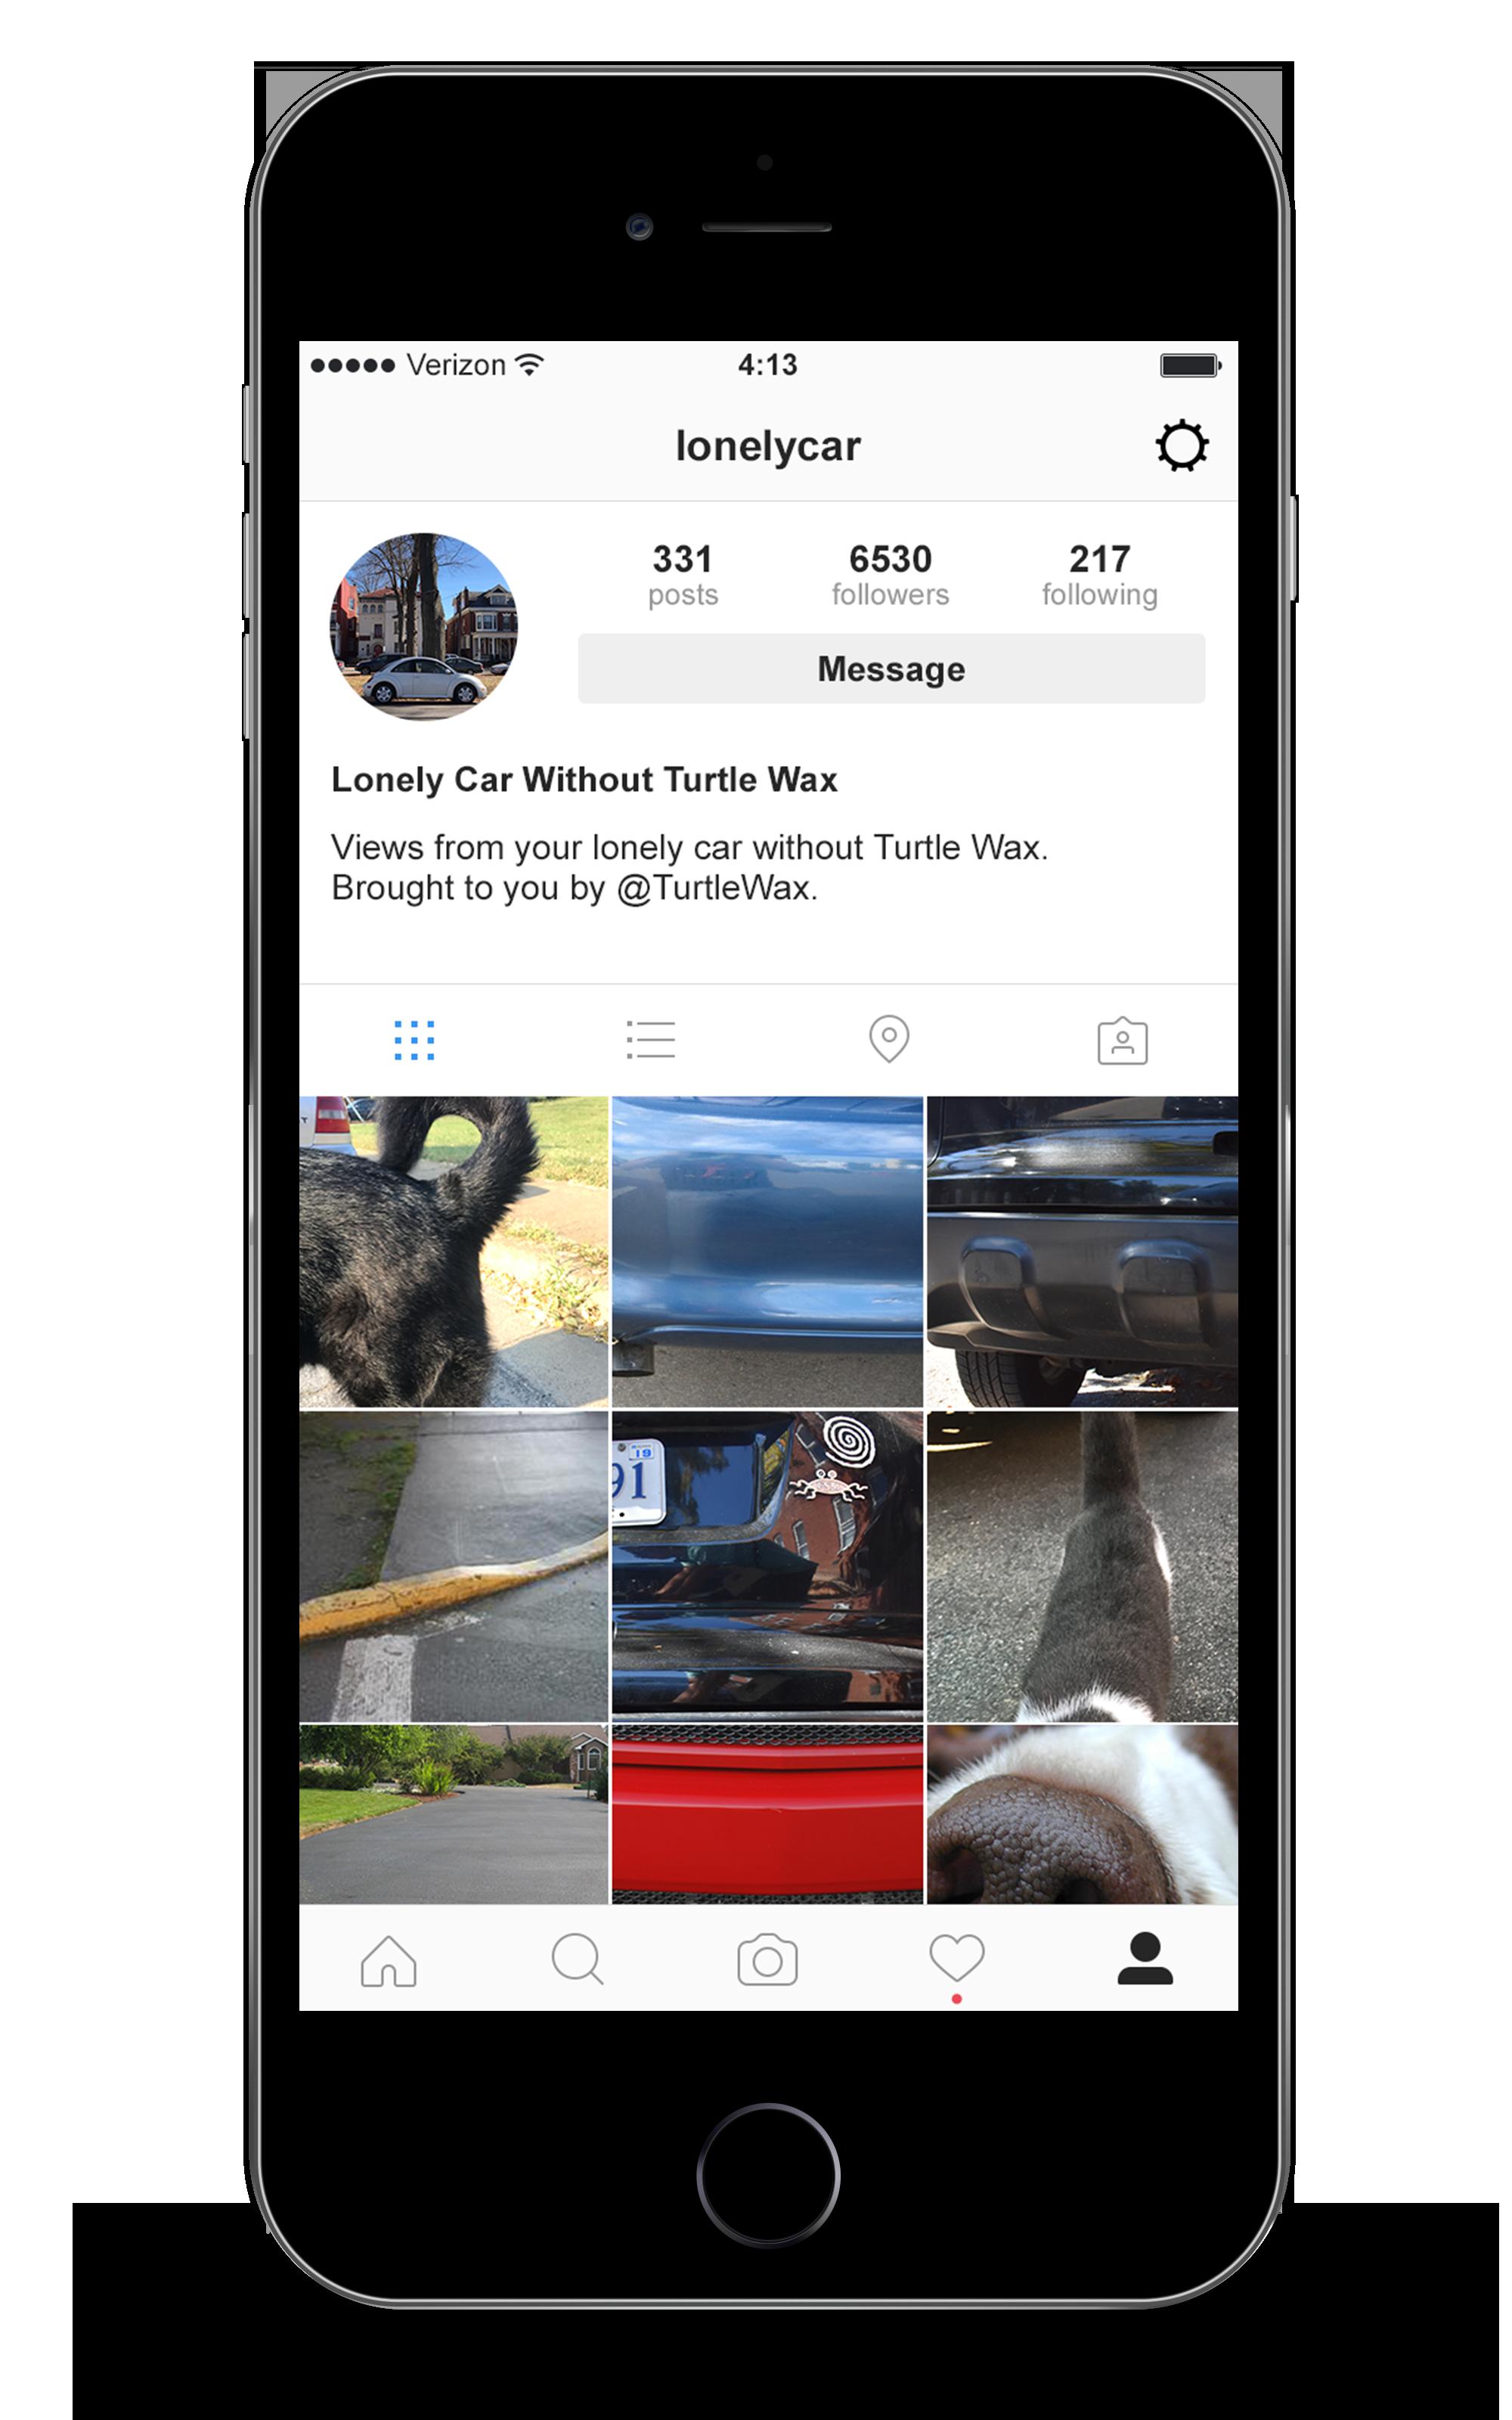 InstagramProfile_TW_OnPhone.png